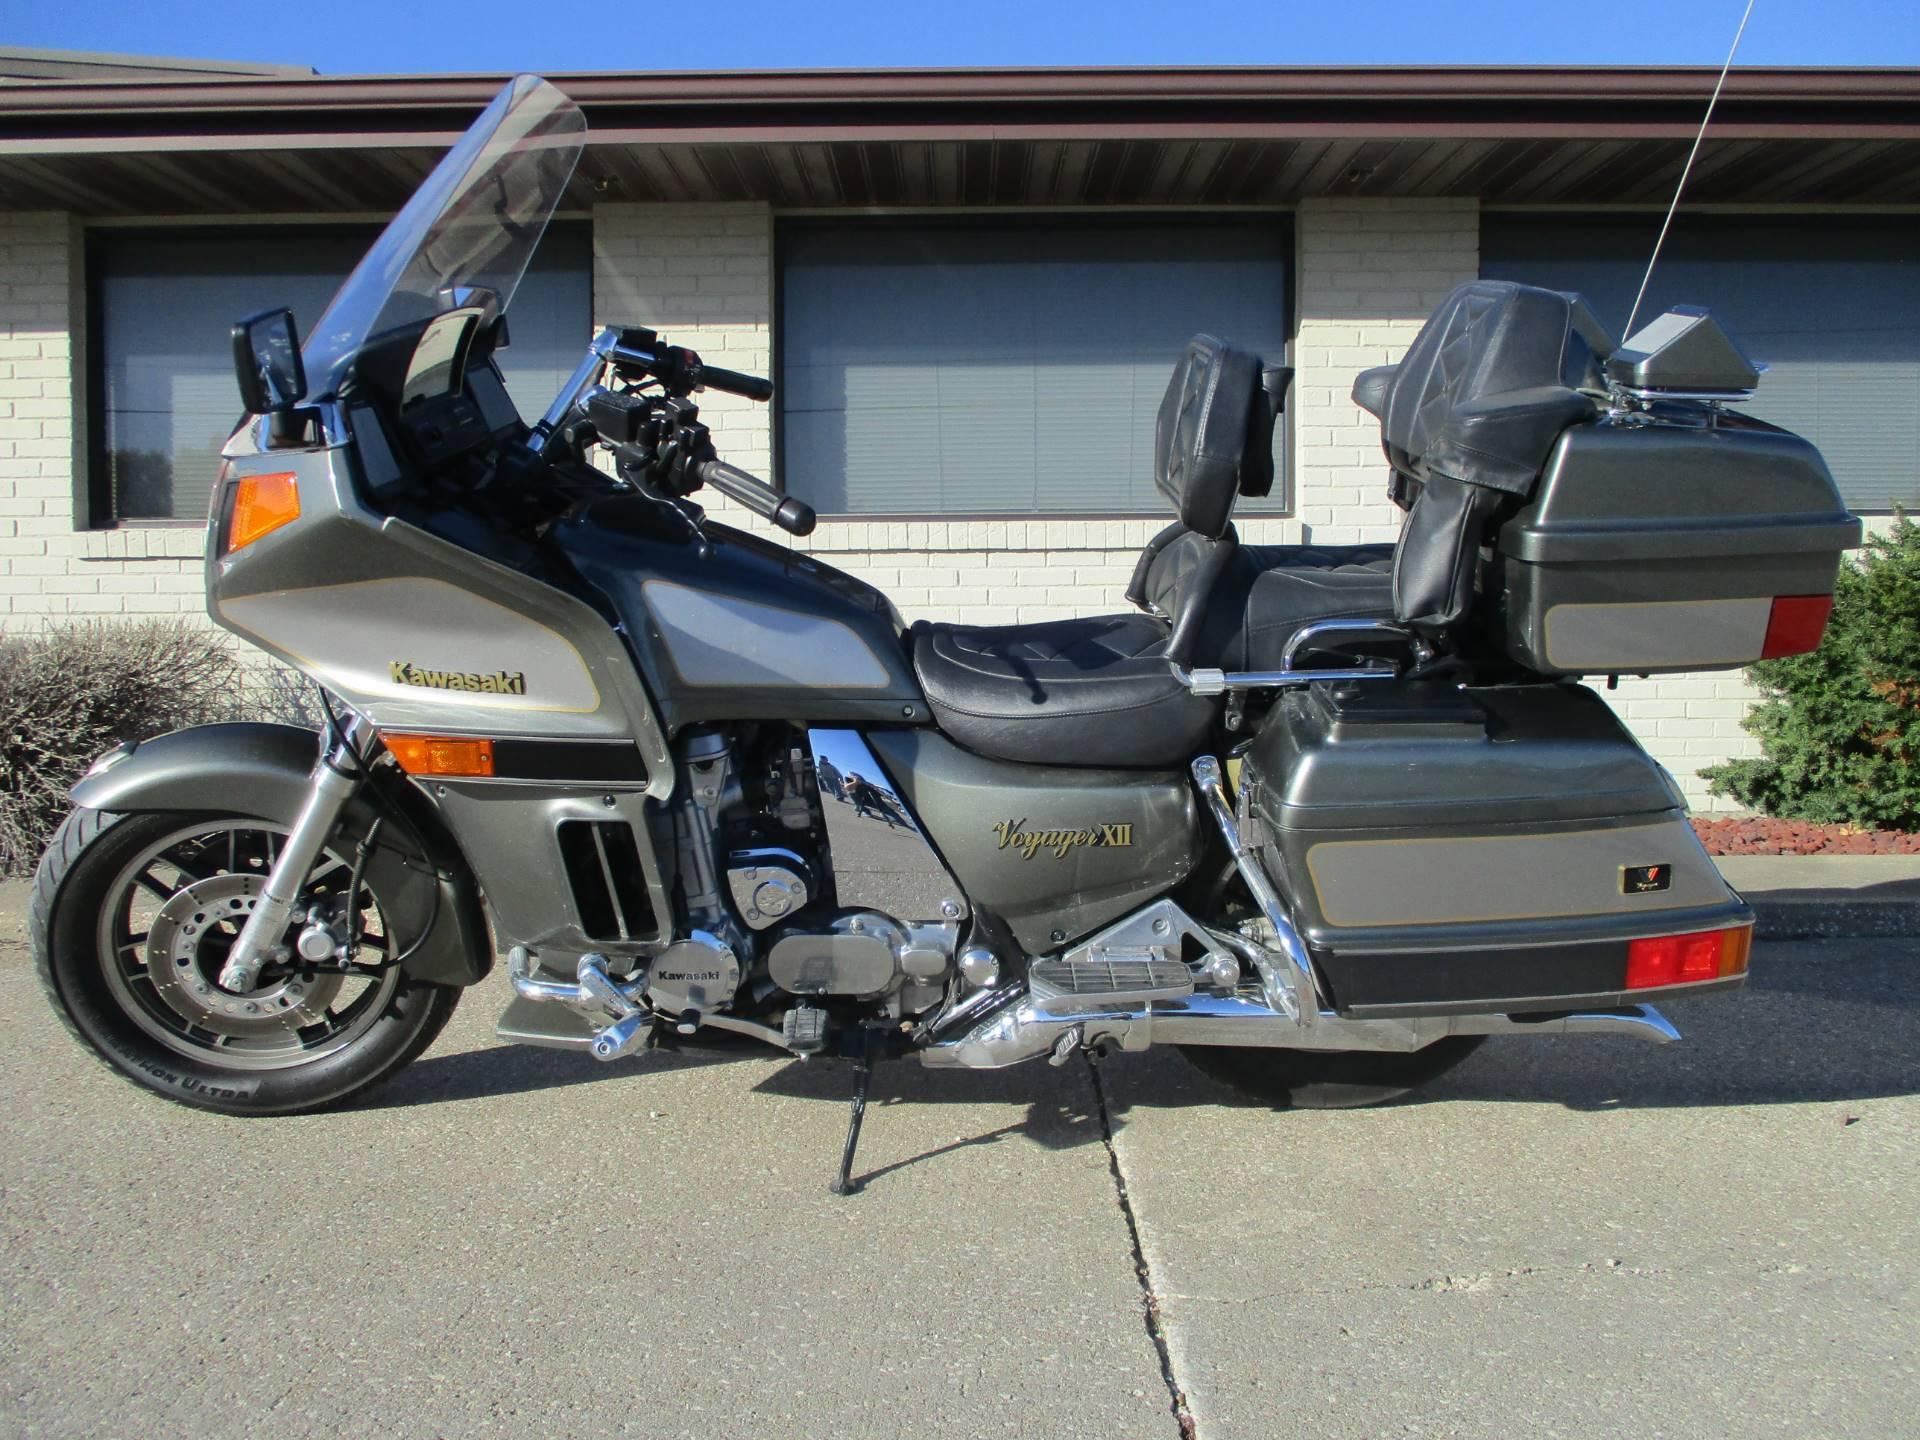 2003 Kawasaki Voyager XII 2